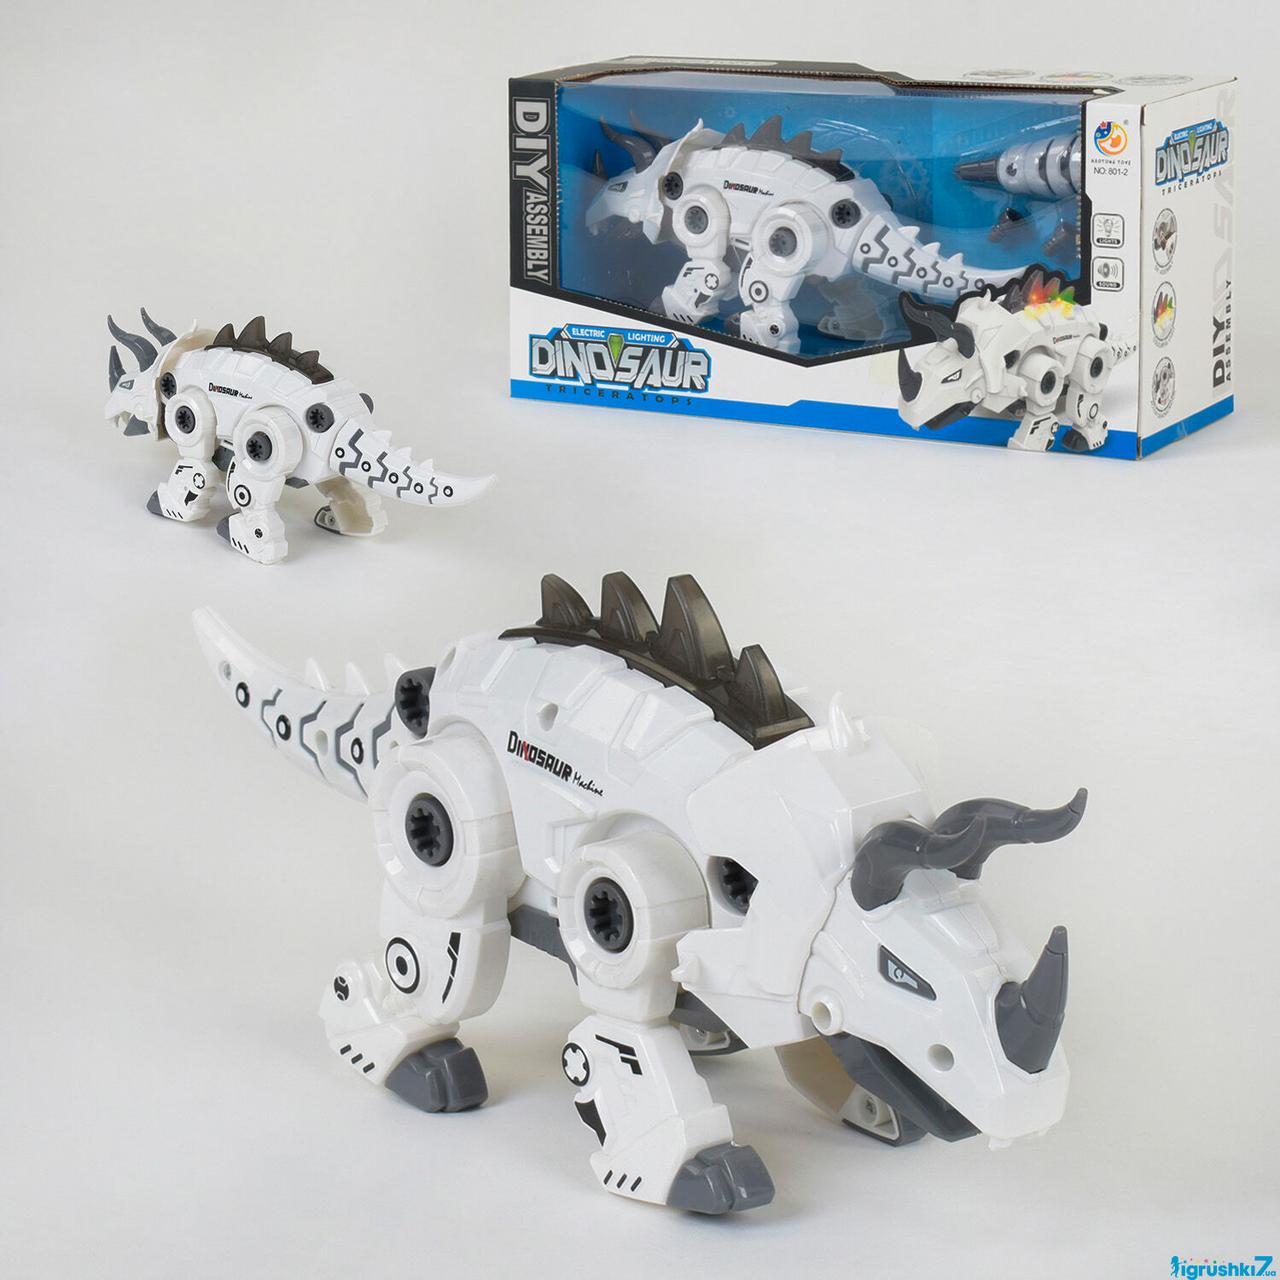 Динозавр 801-2 ,световые, звуковые эффекты, ходит, в коробке